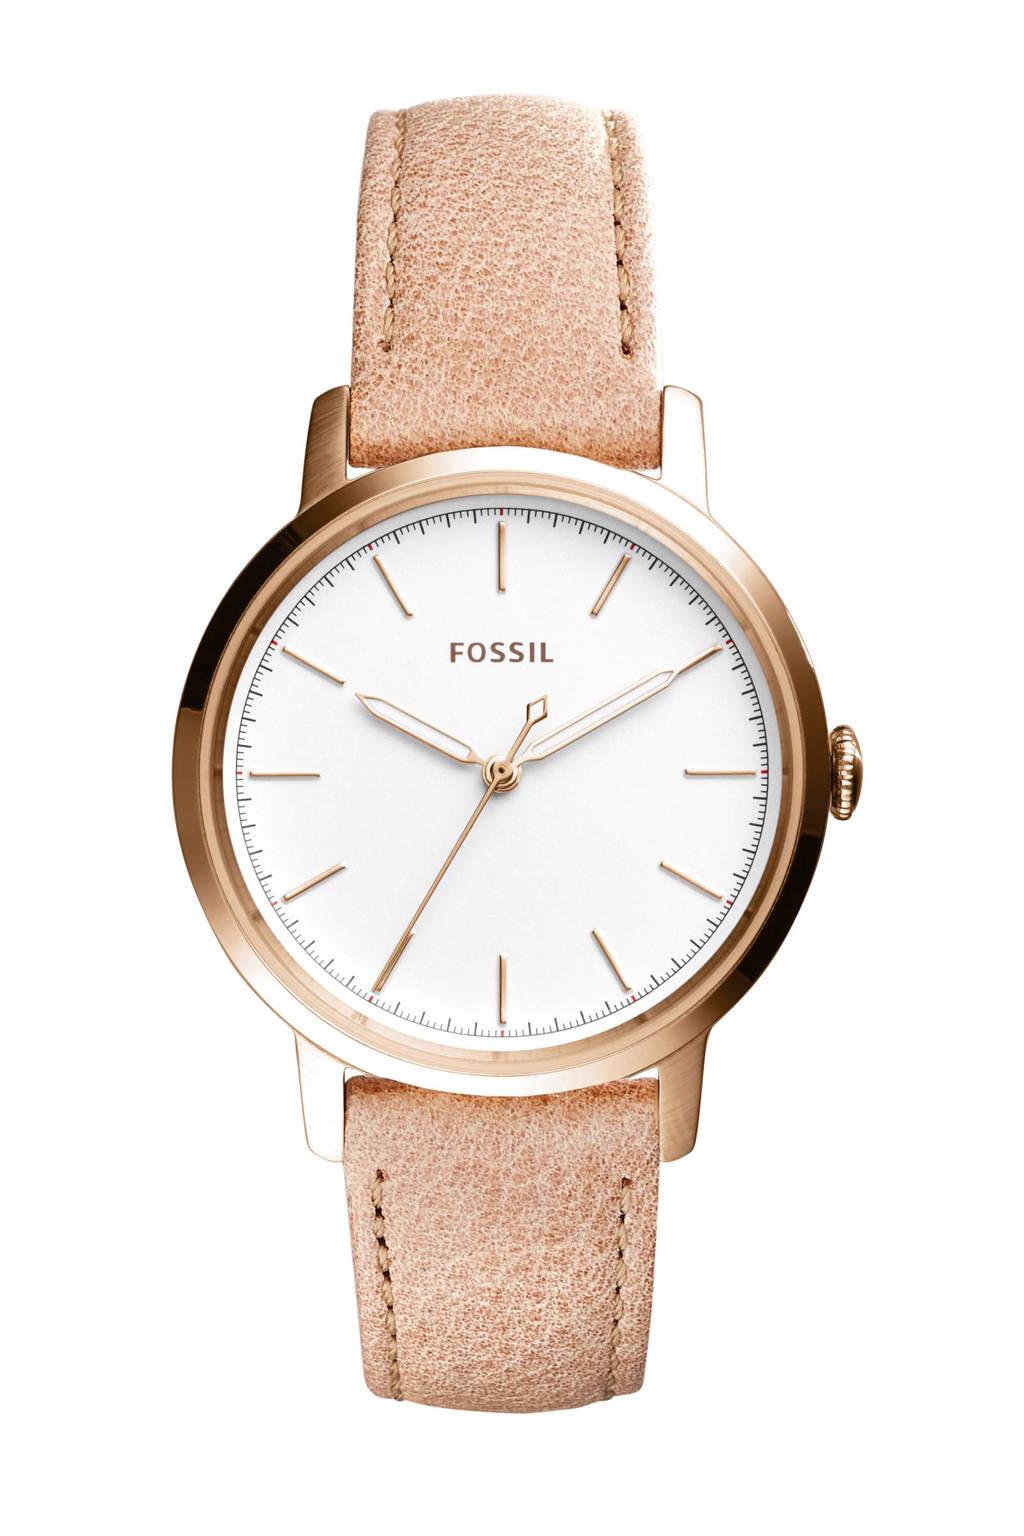 Fossil horloge ES4185, roségoud